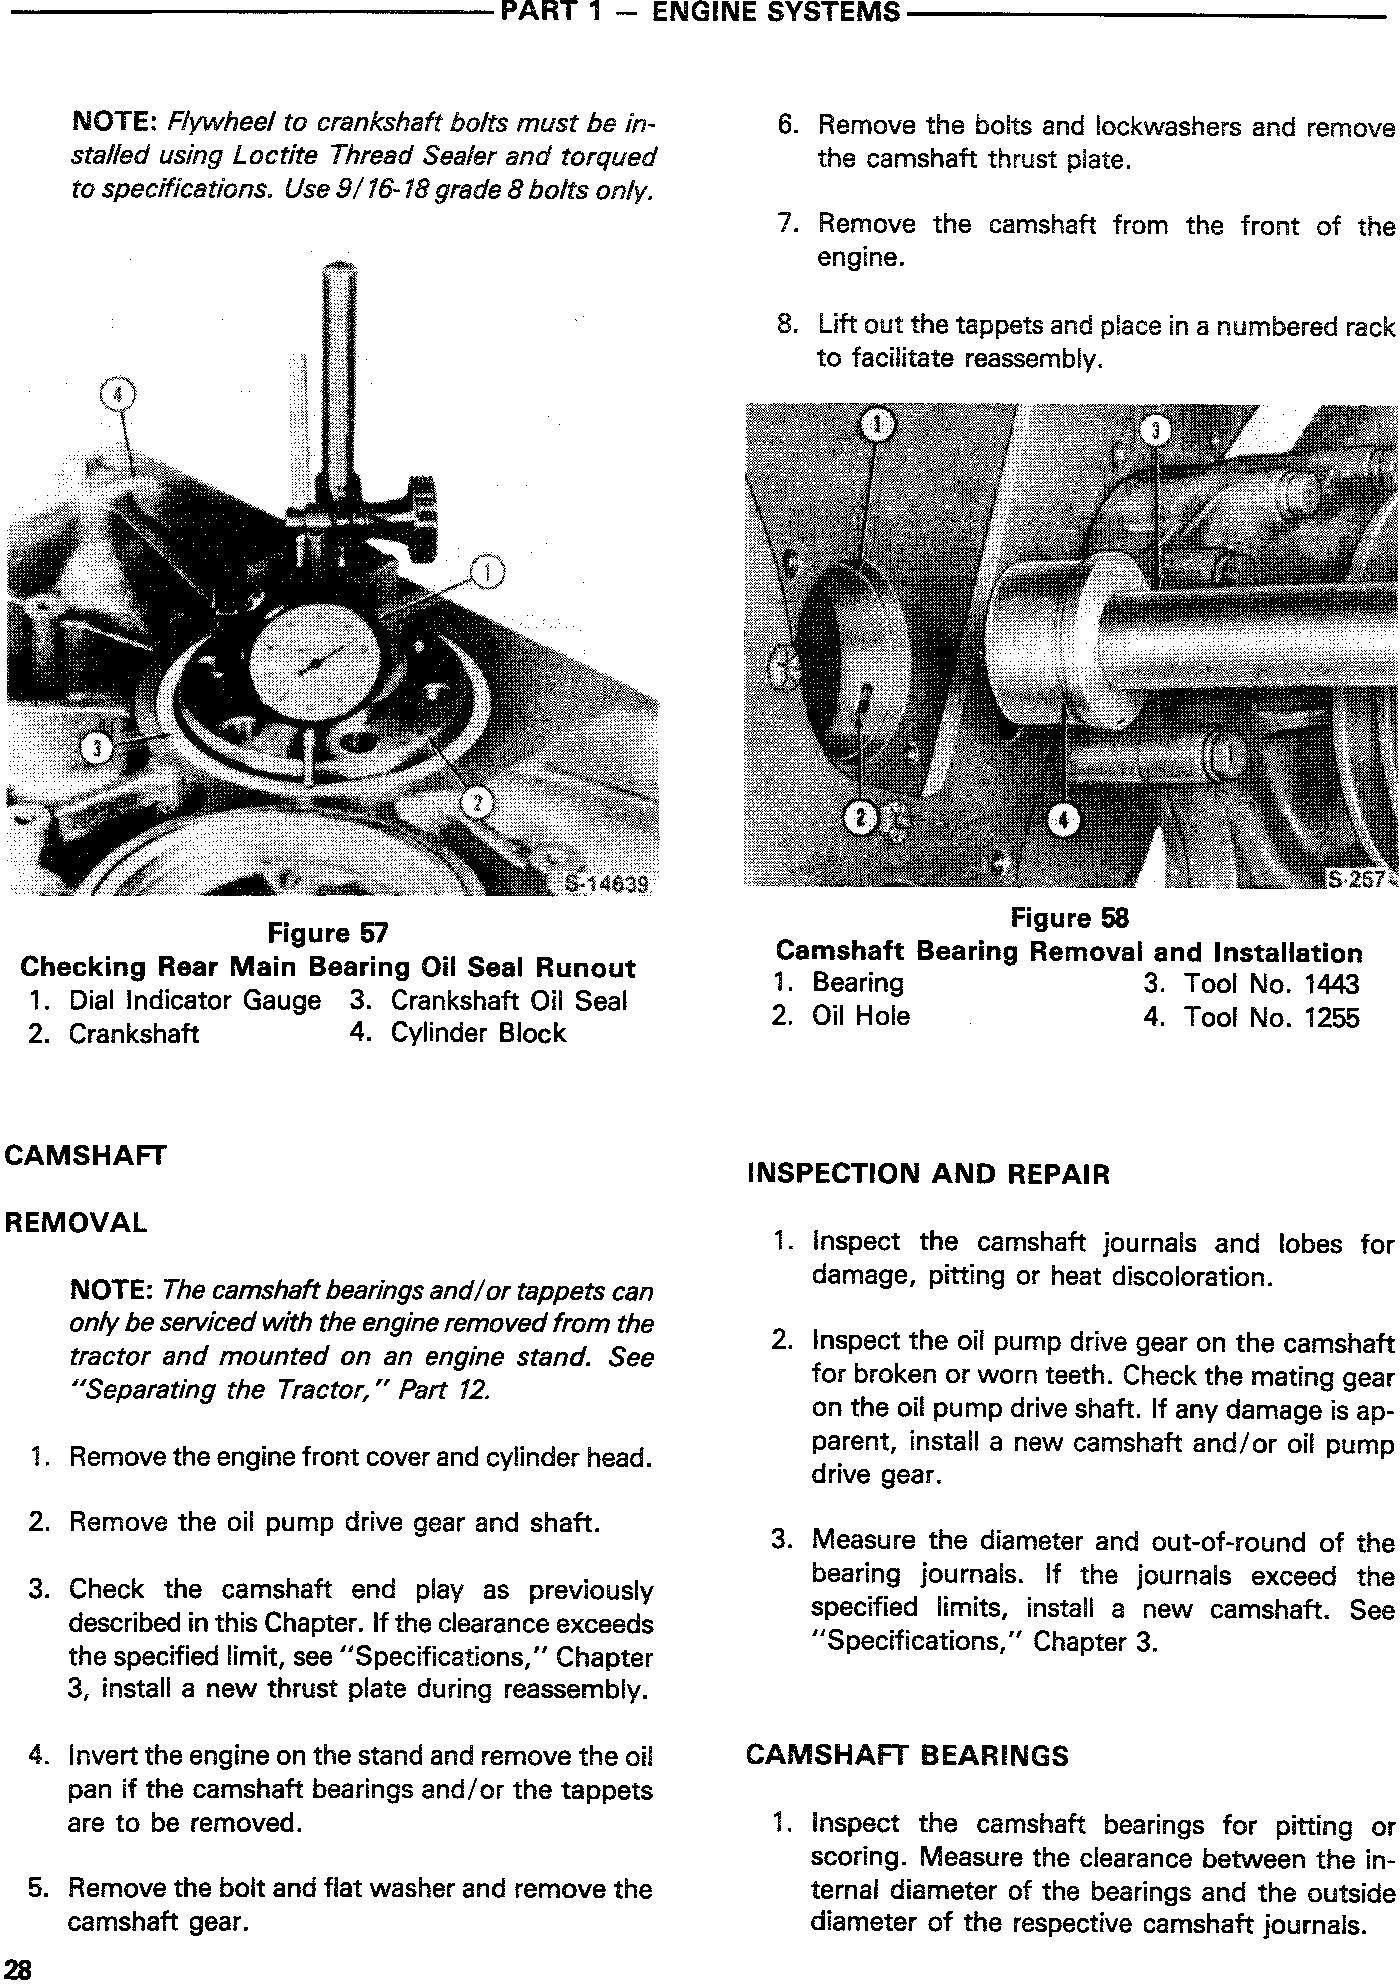 Ford 455 Tractor Loader Backhoe 1988 Complete Service Manual (SE4600) - 3